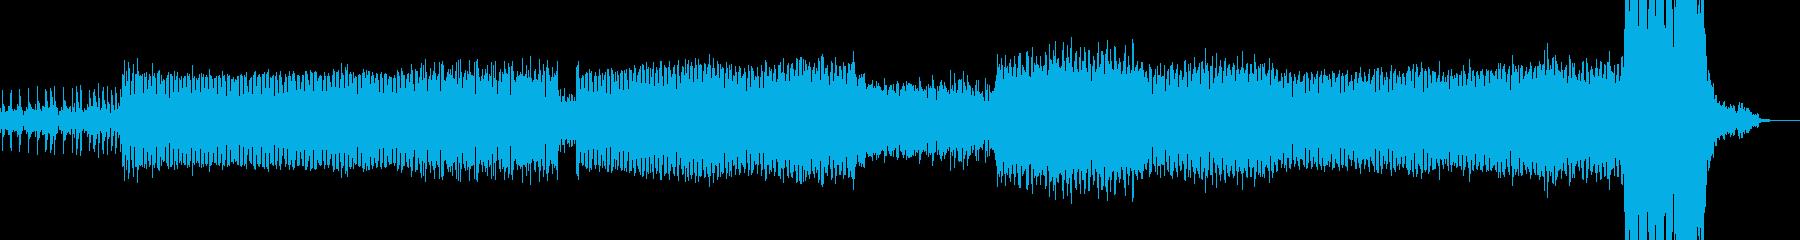 重厚なダーク系アンビエントテックトランスの再生済みの波形